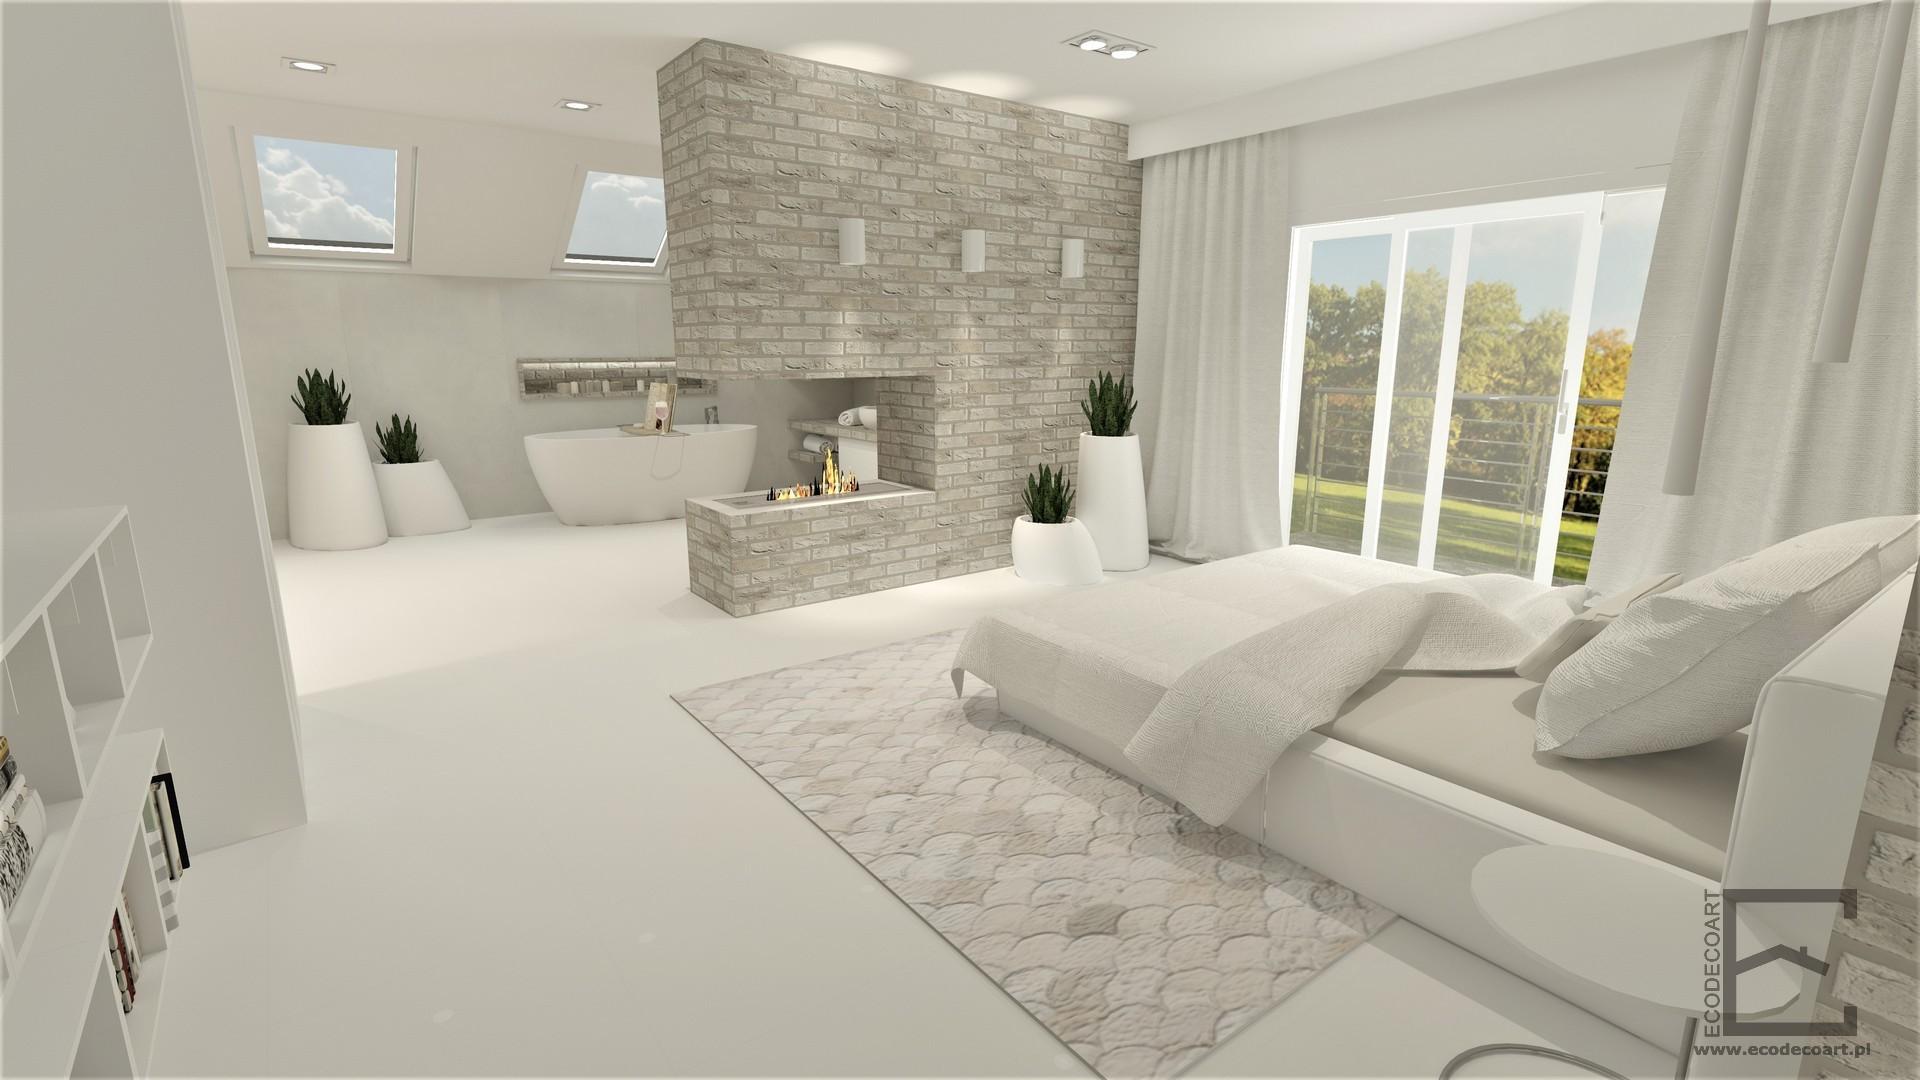 Sypialnia z łazienką i kominkiem w Rzeszowie